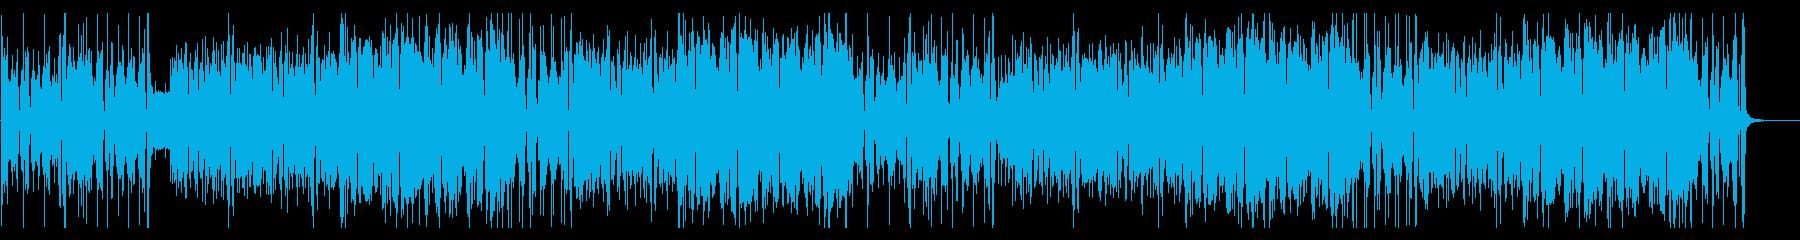 クールでポップなスカインスト曲の再生済みの波形